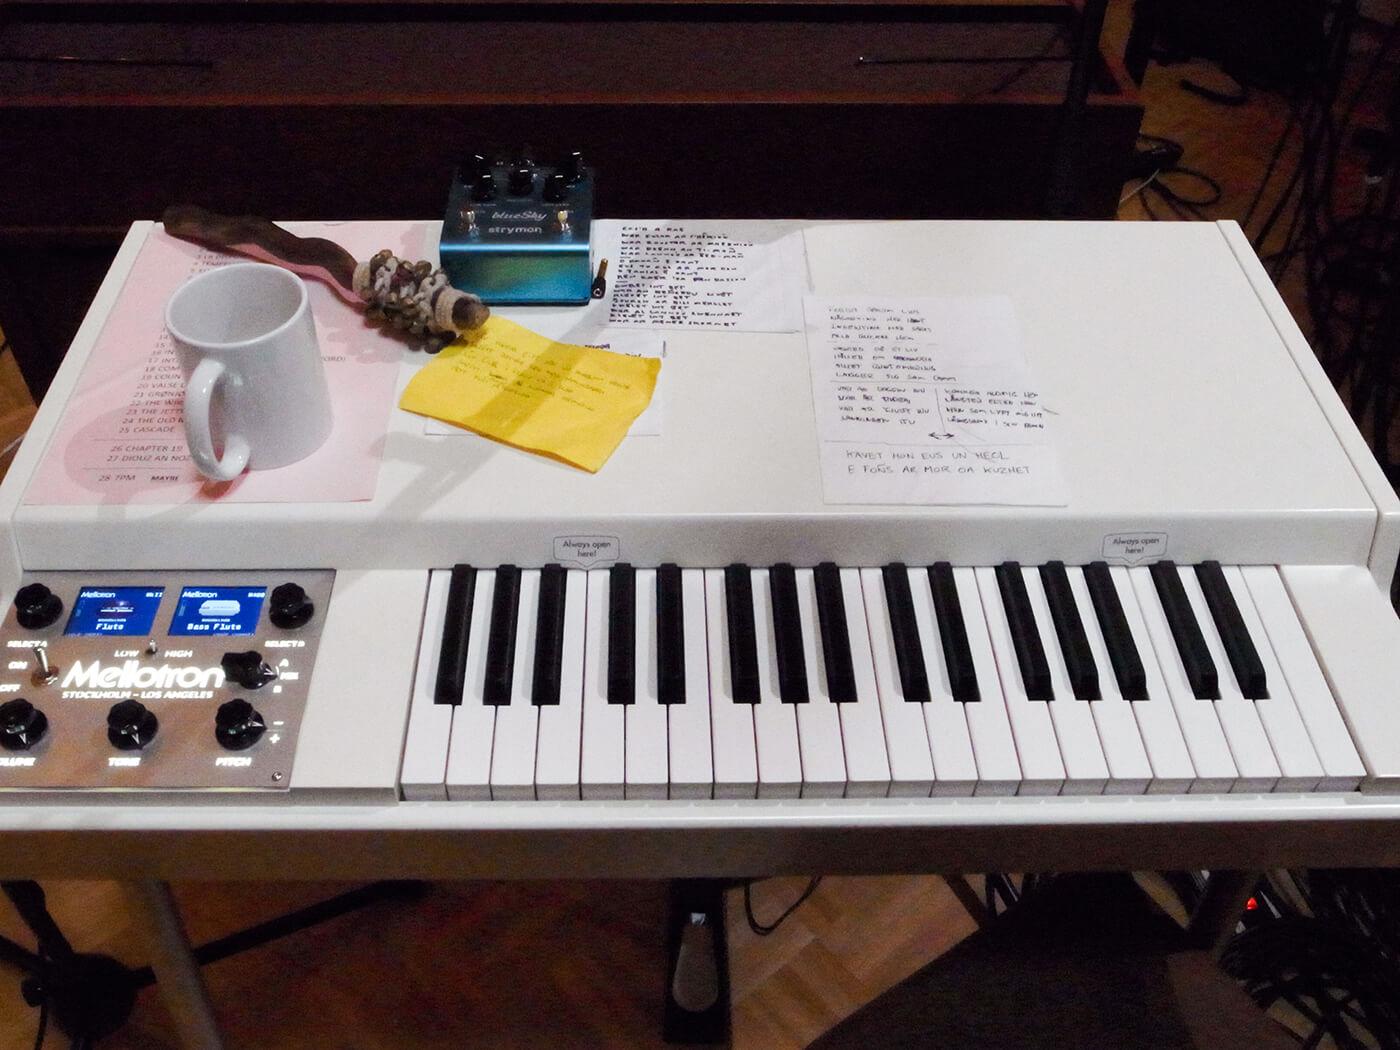 Yann Tiersen (Mellotron)